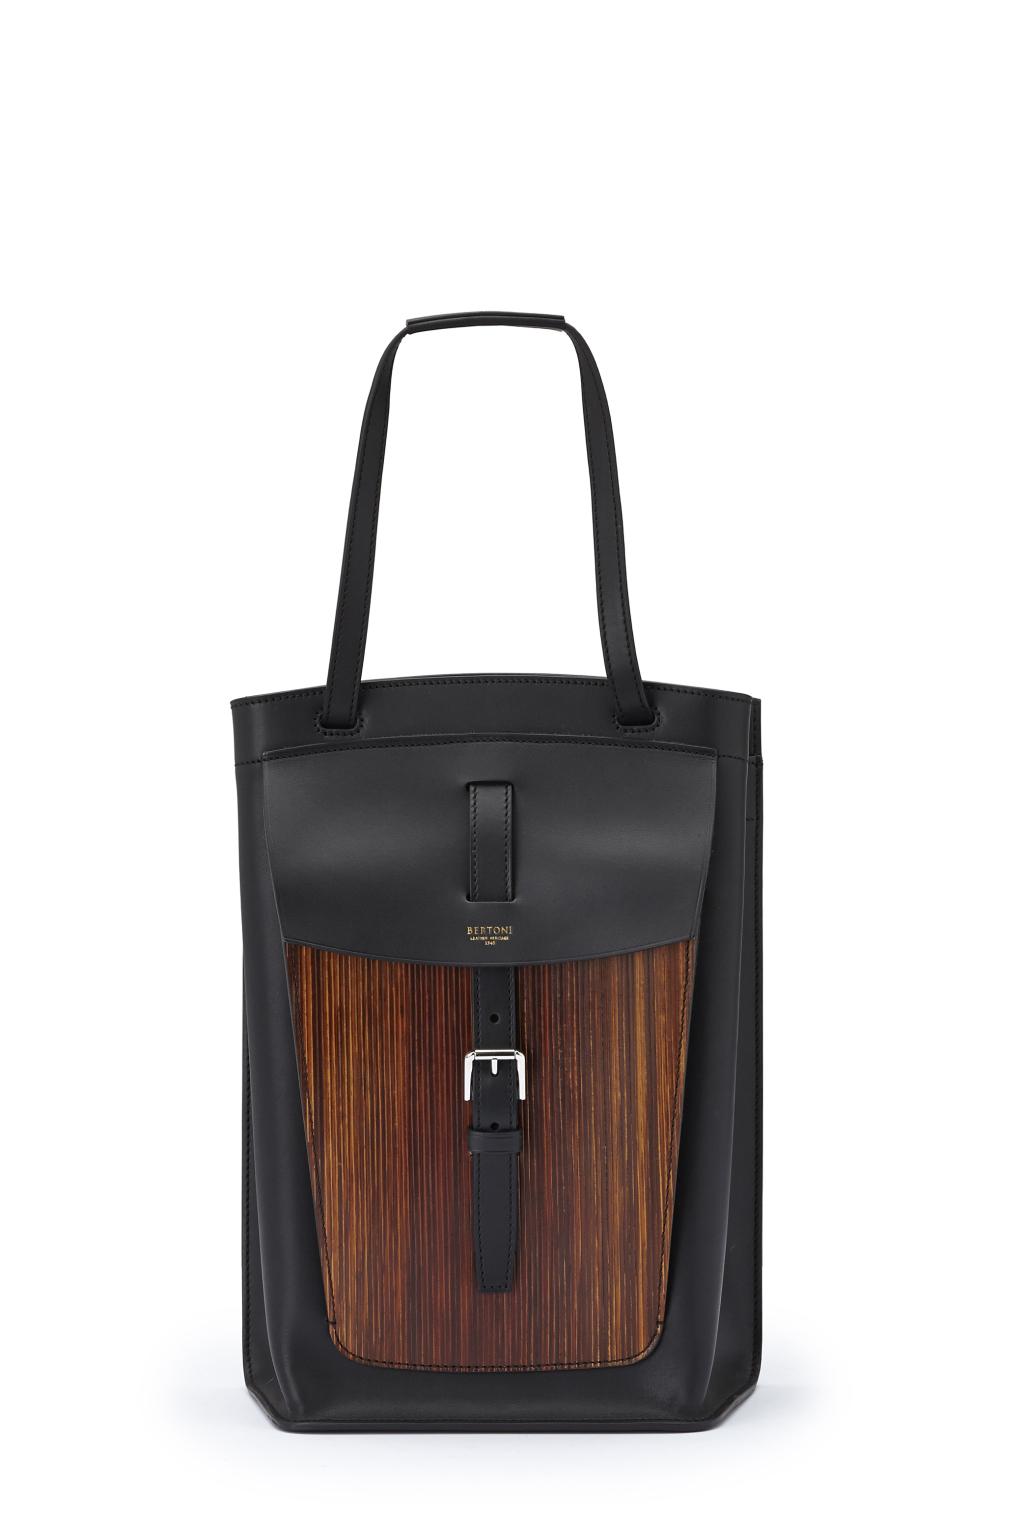 Большие сумки: модные тренды - сумка прямоугольной формы из коллекции Bertoni.